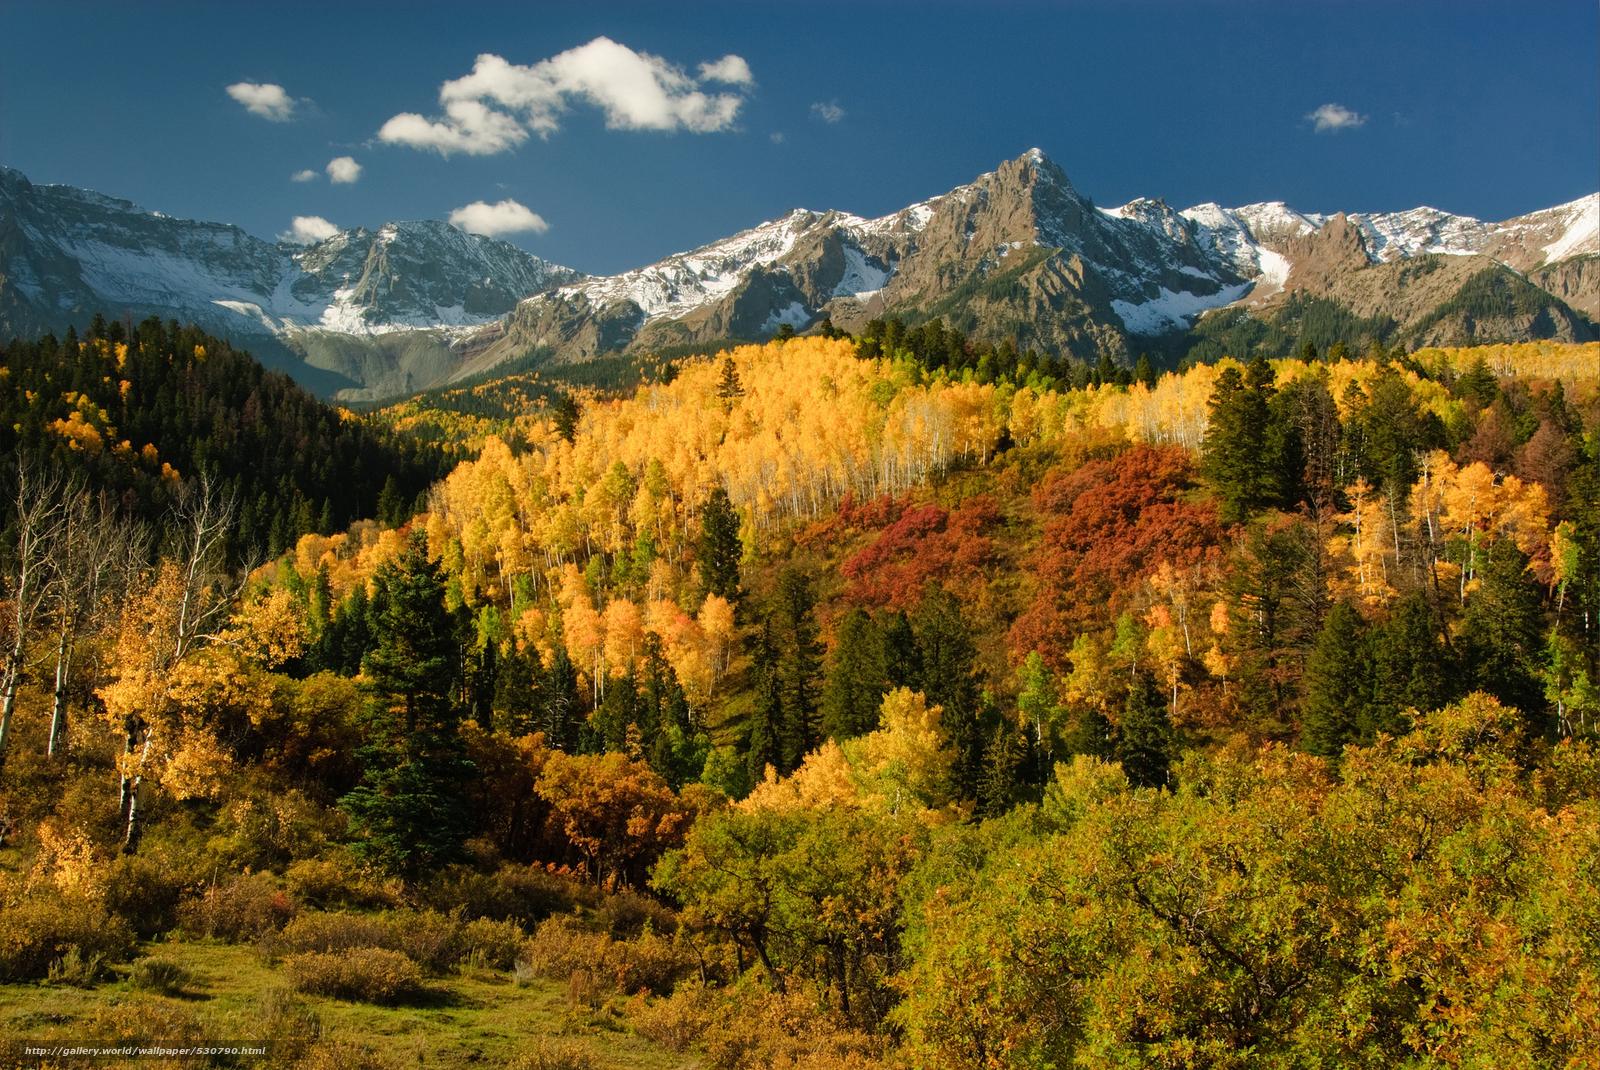 juan mountains colorado USA robin wilson desktop wallpaper 1600x1070